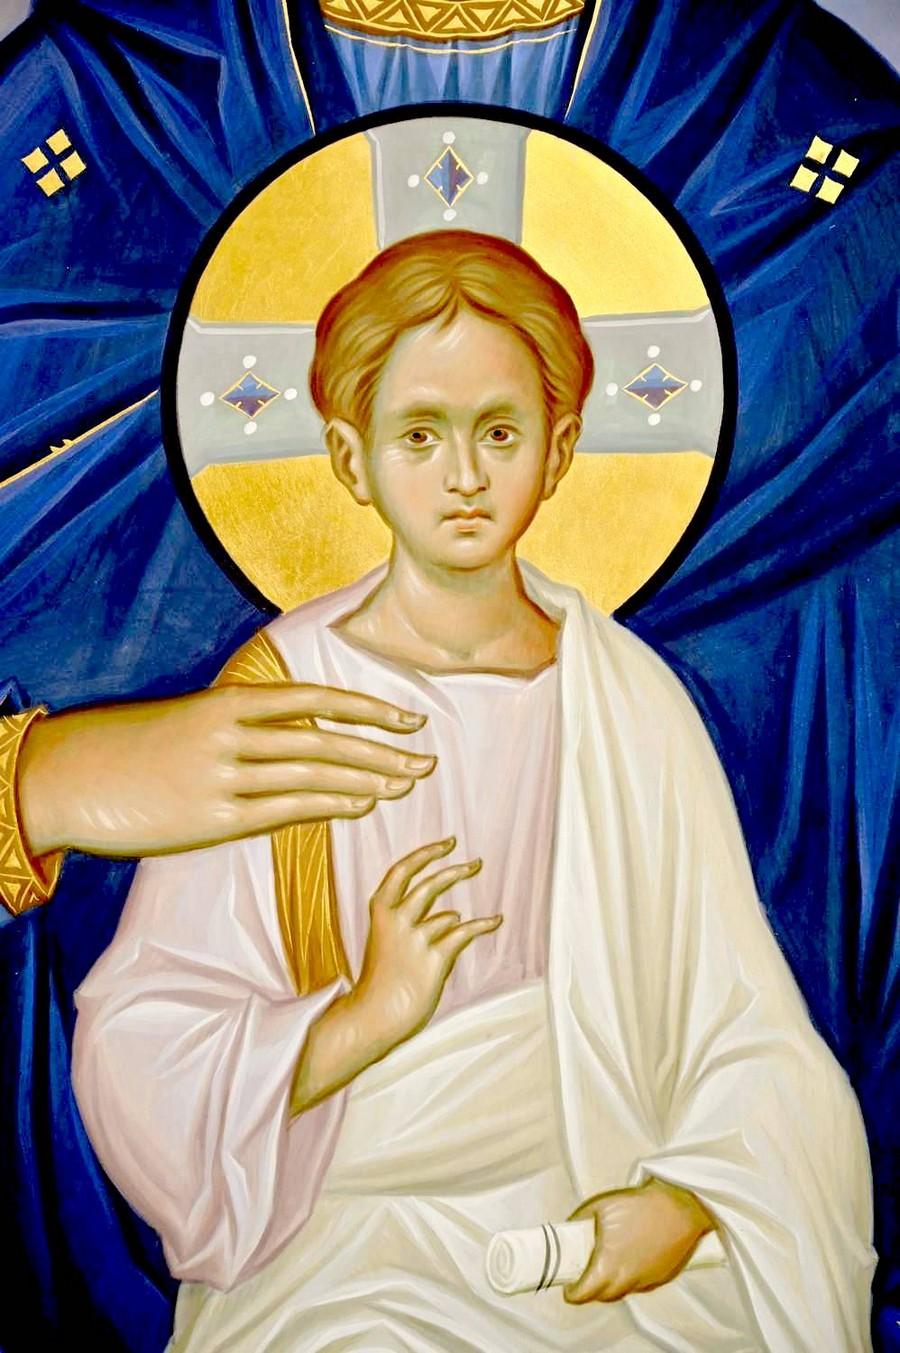 Пресвятая Богородица с Младенцем на троне. Современная икона. Фрагмент.